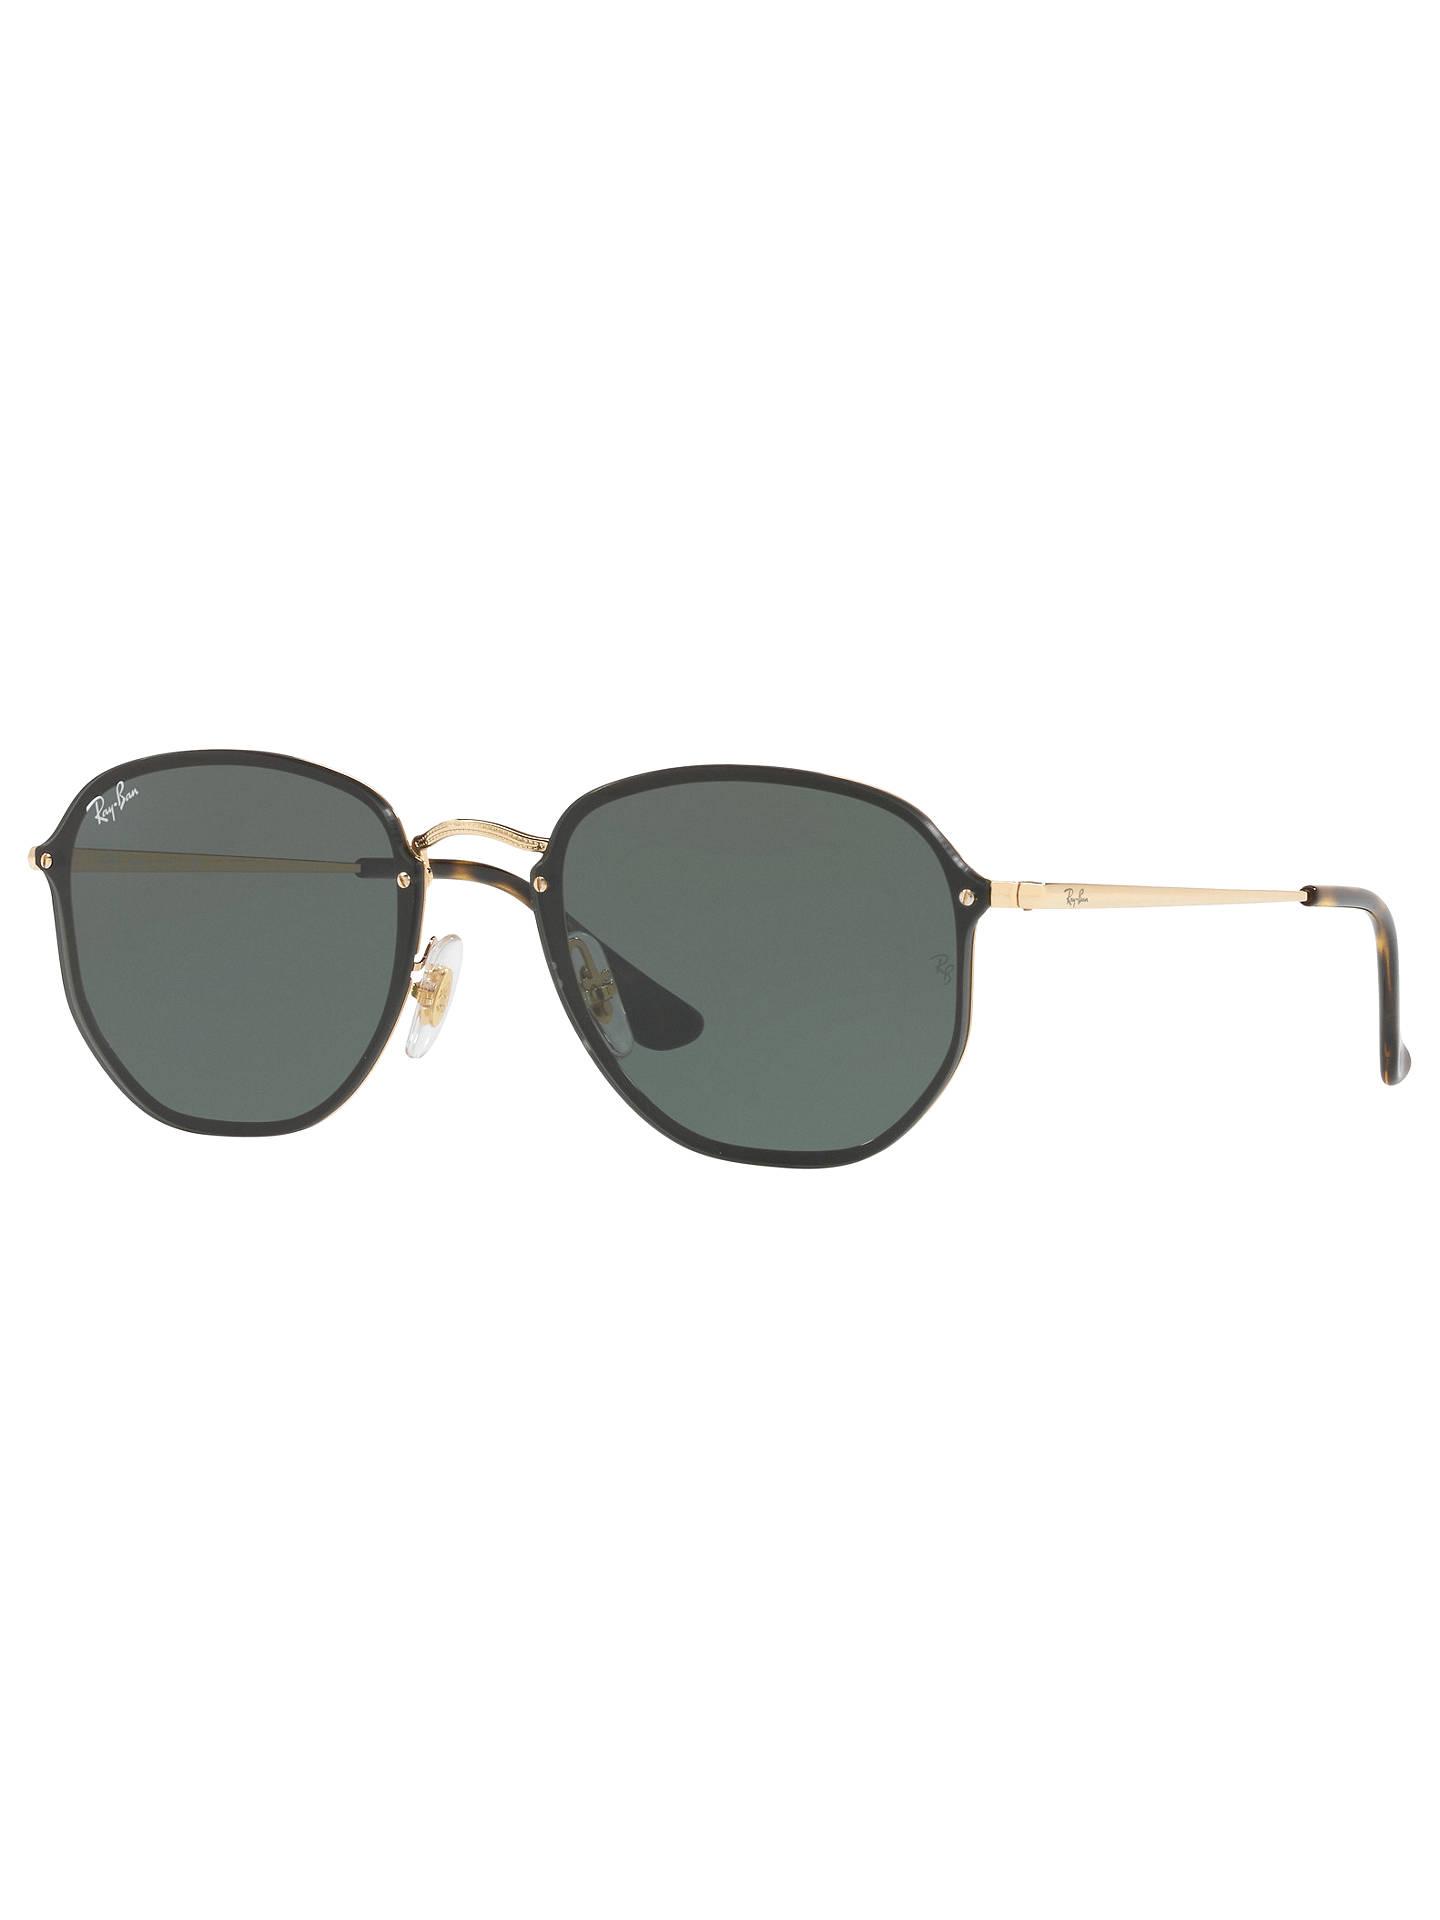 cbaa67466ee47 Buy Ray-Ban RB3579N Blaze Hexagonal Sunglasses